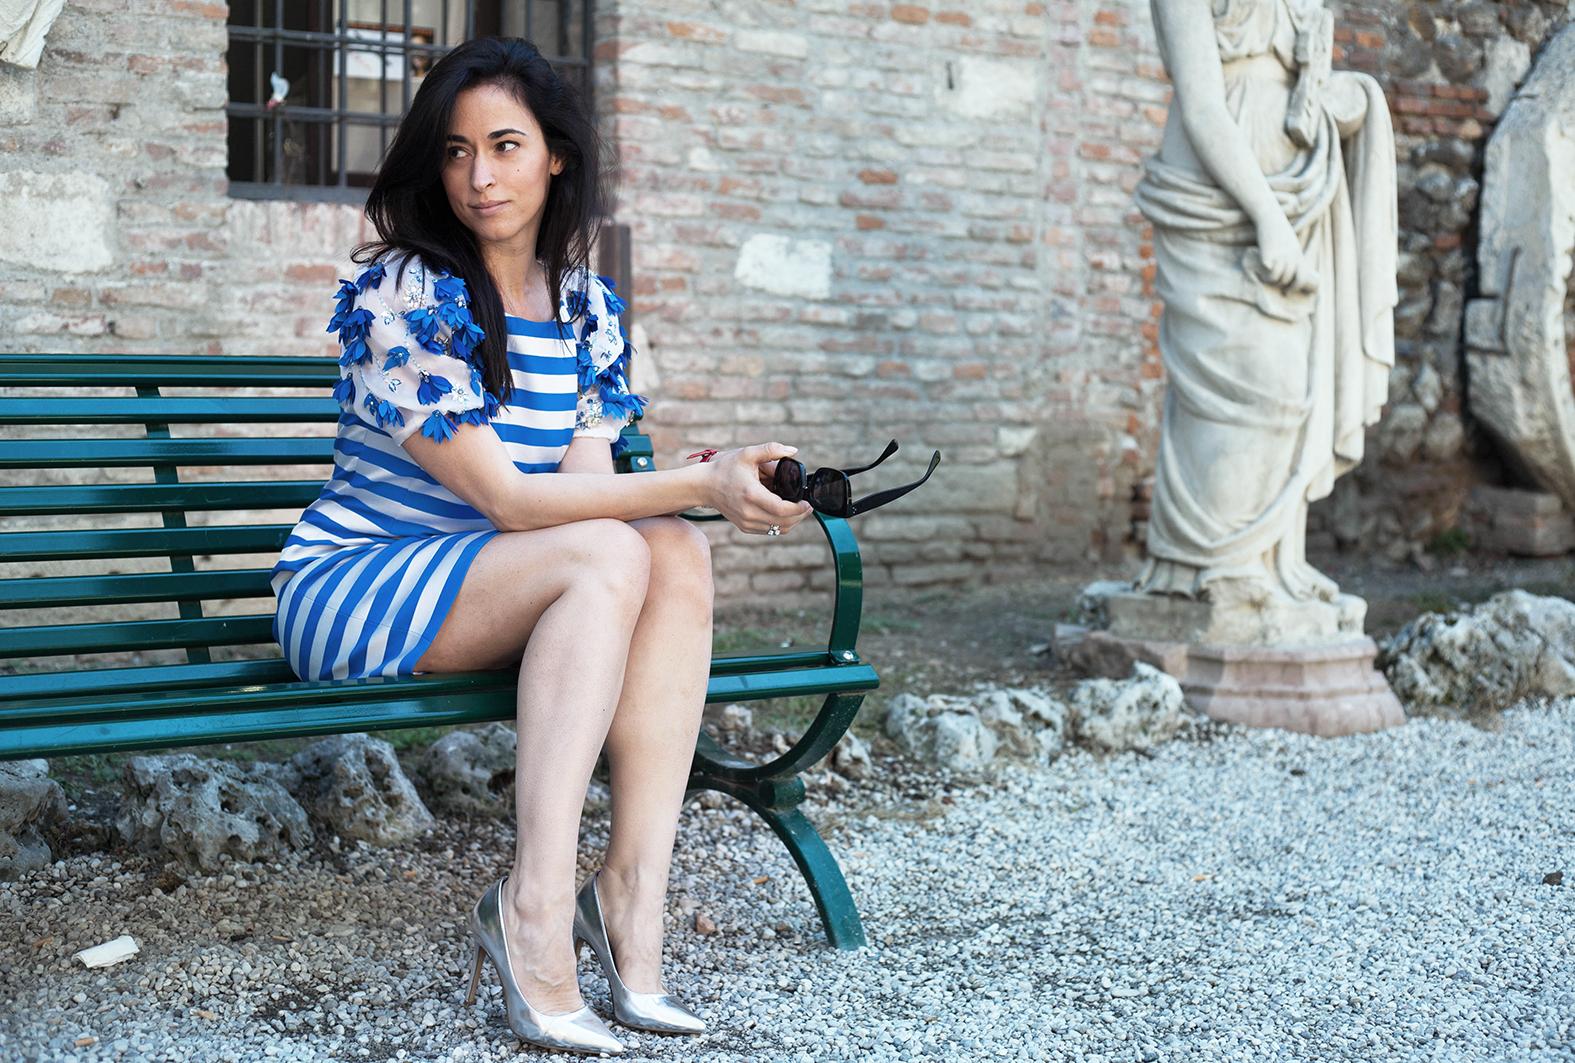 outfit-alessia-canella-vestito-righe-bianche-azzurre-orologio-parigi-borsa-fossil-vestito-mariagrazia-severi-teatro-olimpico-anelli-sagapo